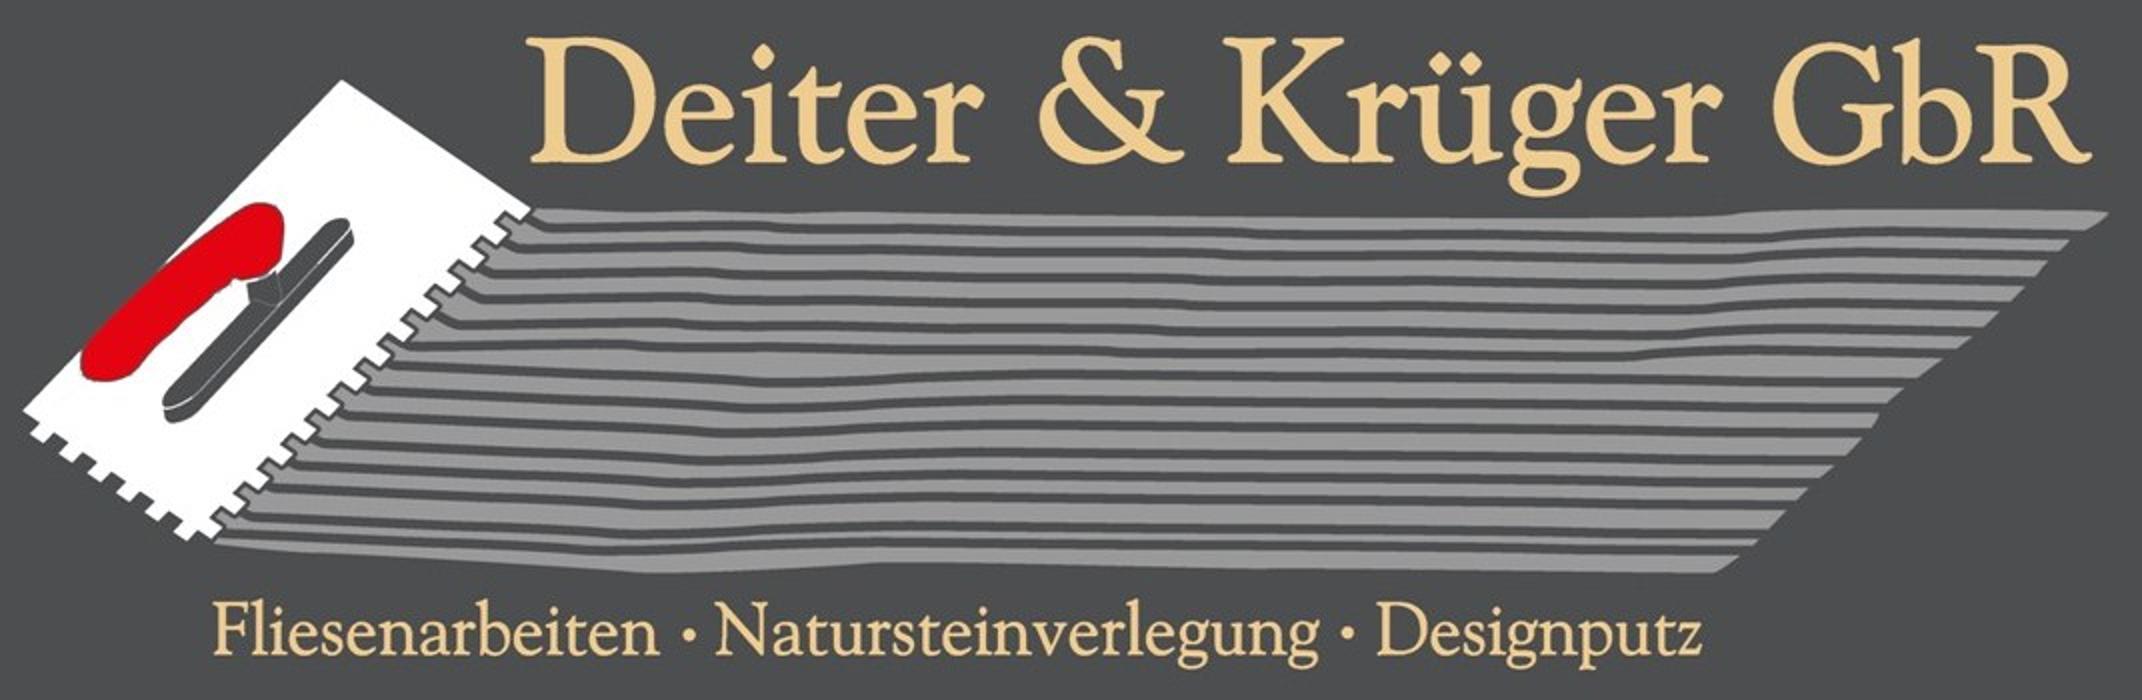 Bild zu Deiter und Krüger GbR in Euskirchen